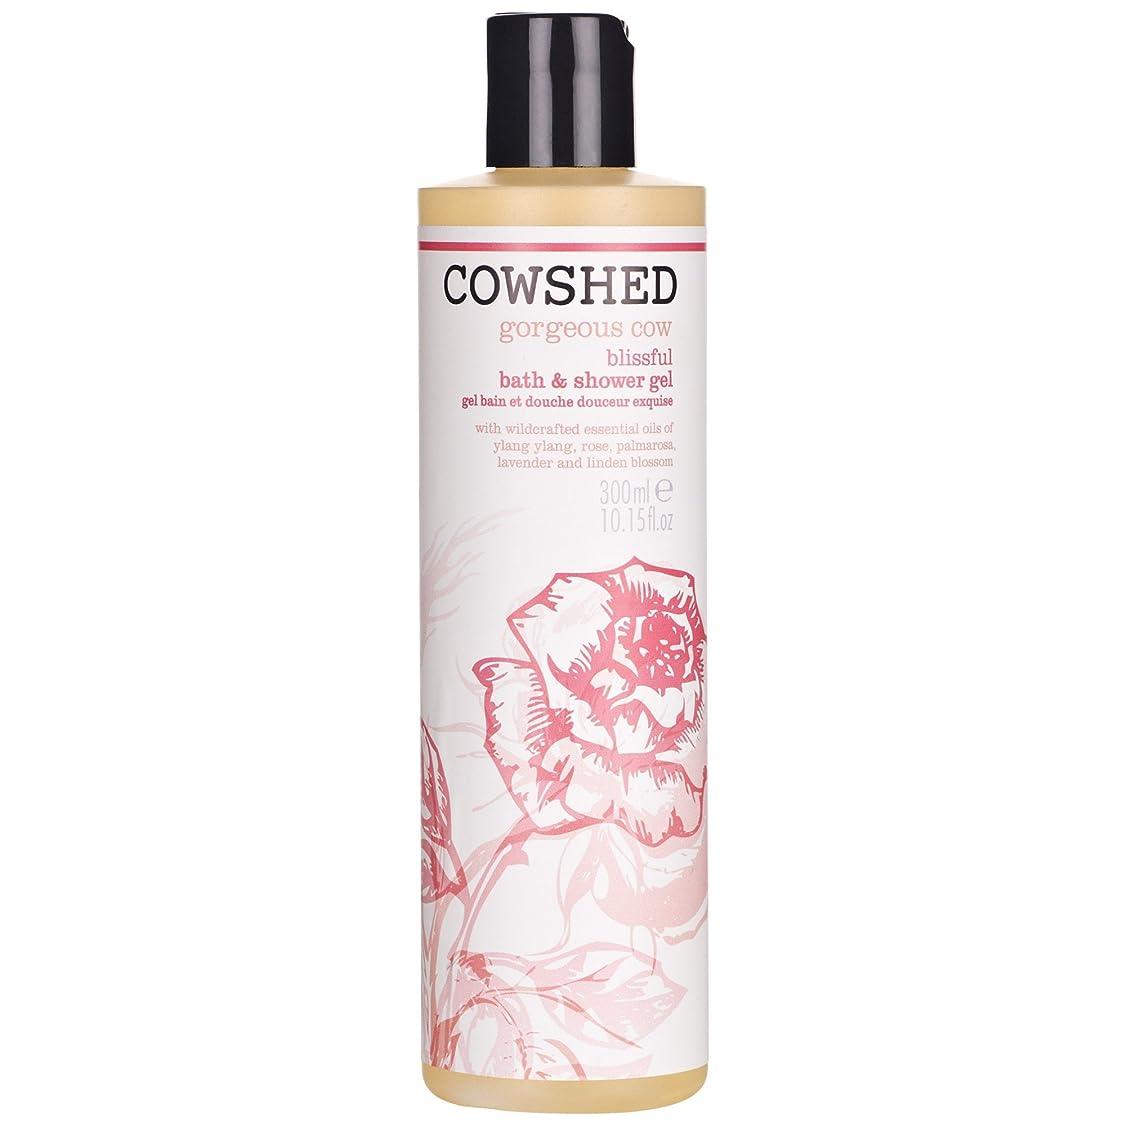 起点捕虜終わり牛舎ゴージャスな牛のバス&シャワージェル300ミリリットル (Cowshed) (x2) - Cowshed Gorgeous Cow Bath & Shower Gel 300ml (Pack of 2) [並行輸入品]